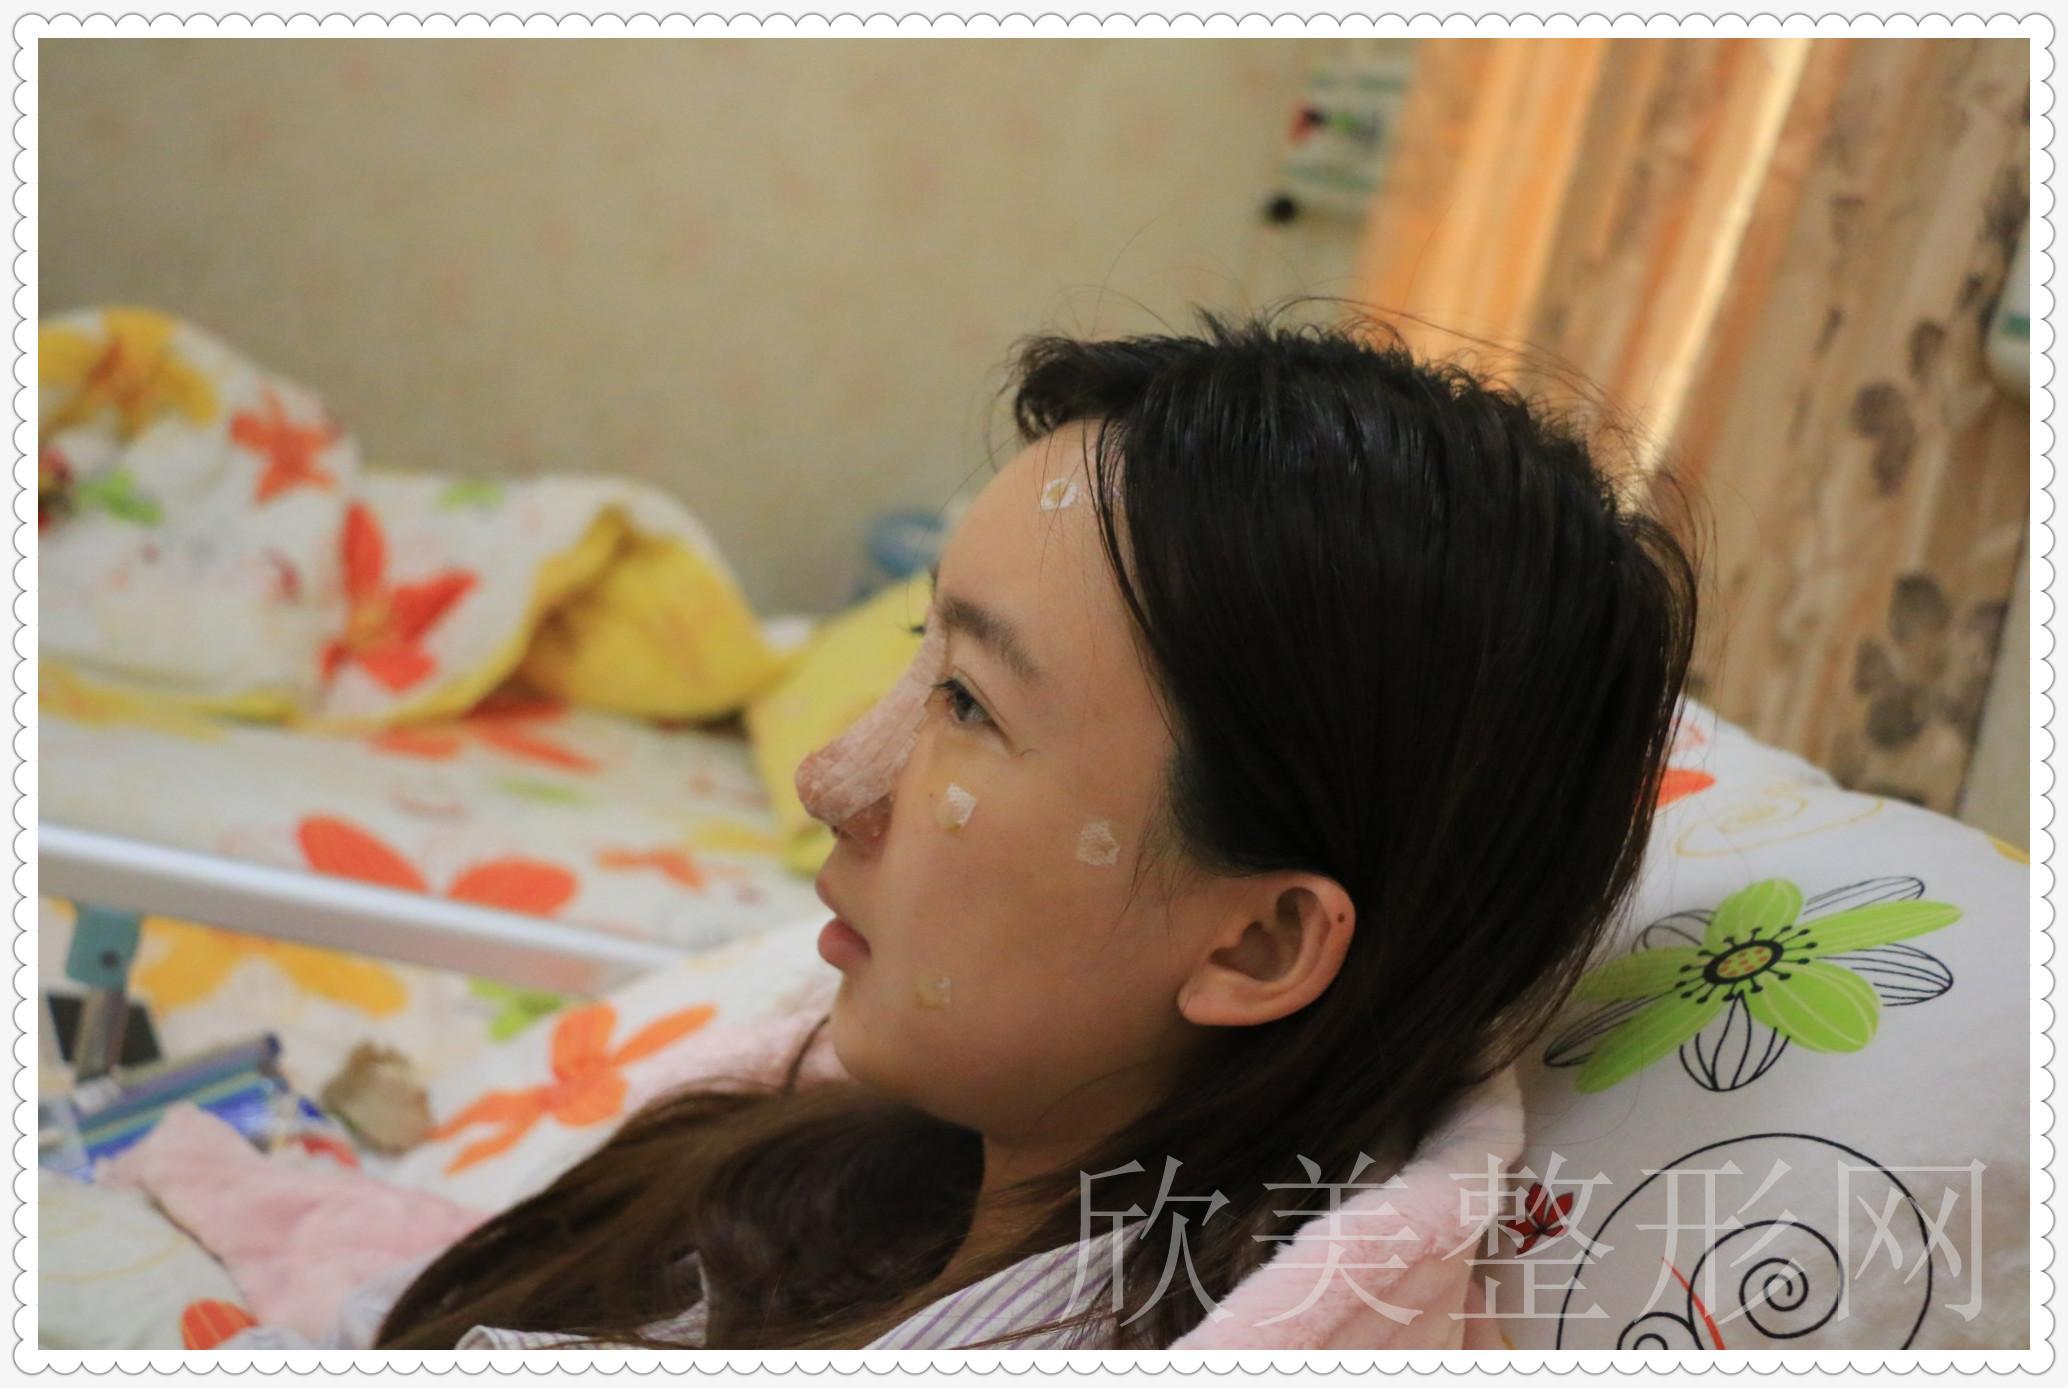 菲儿的鼻综合术前照